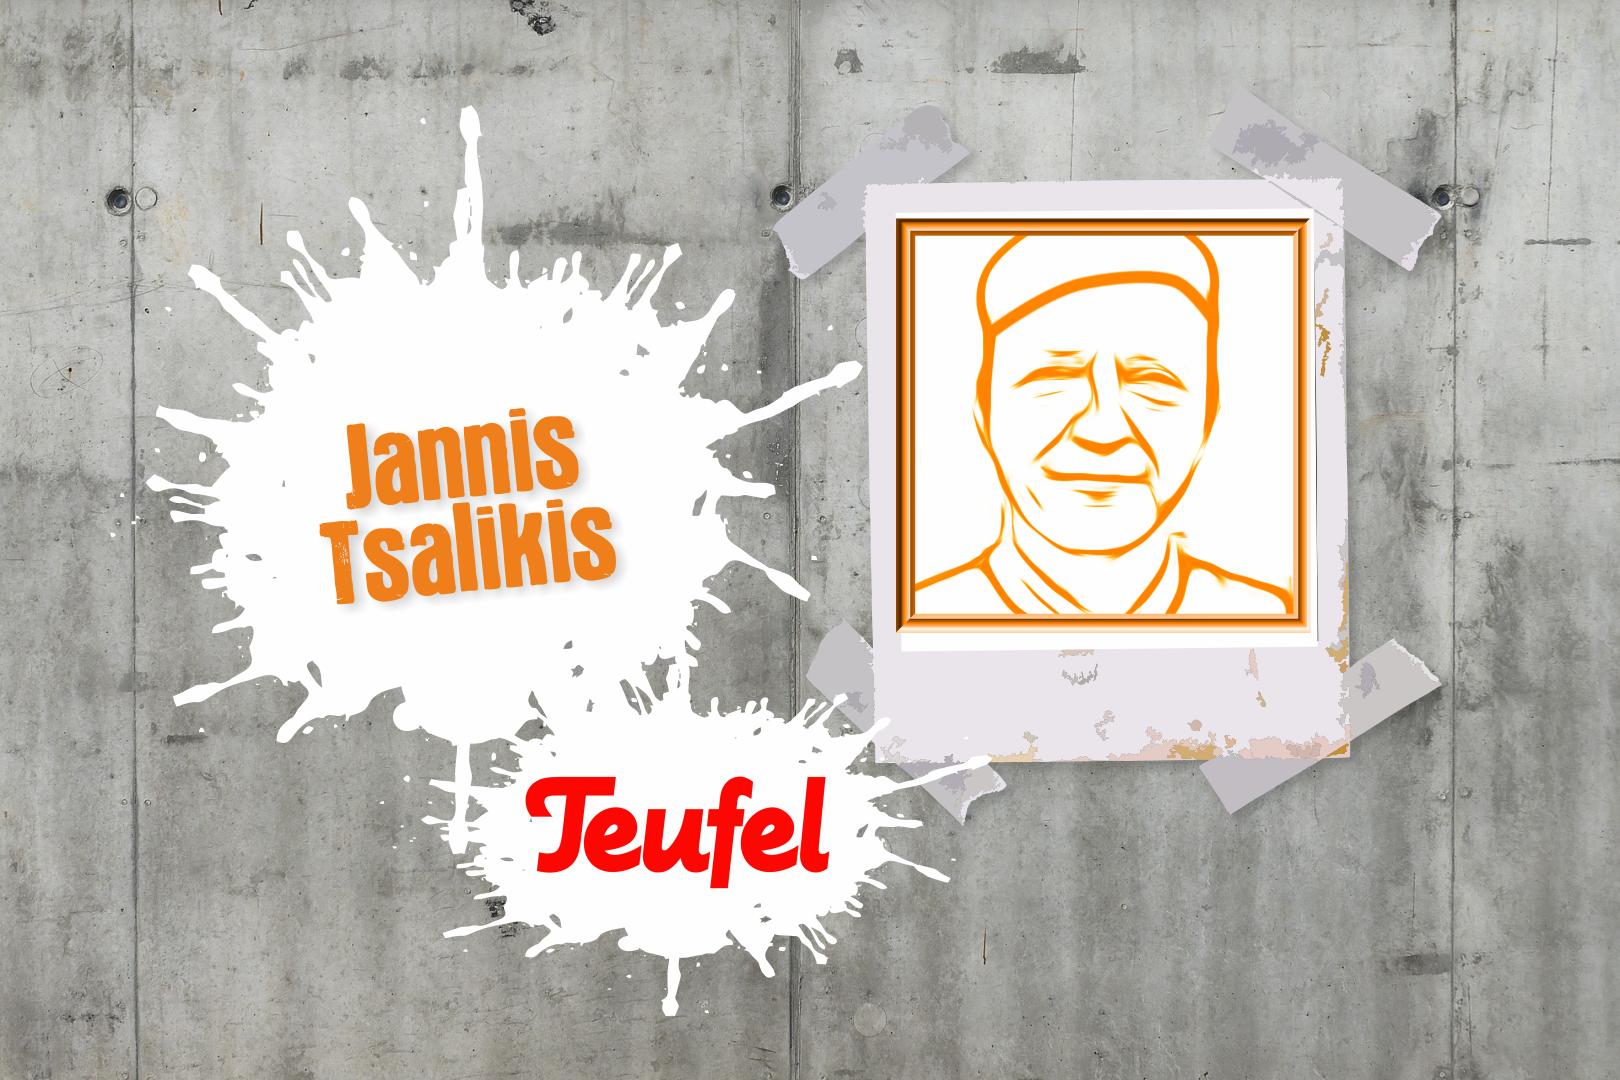 Jannis Tsalikis